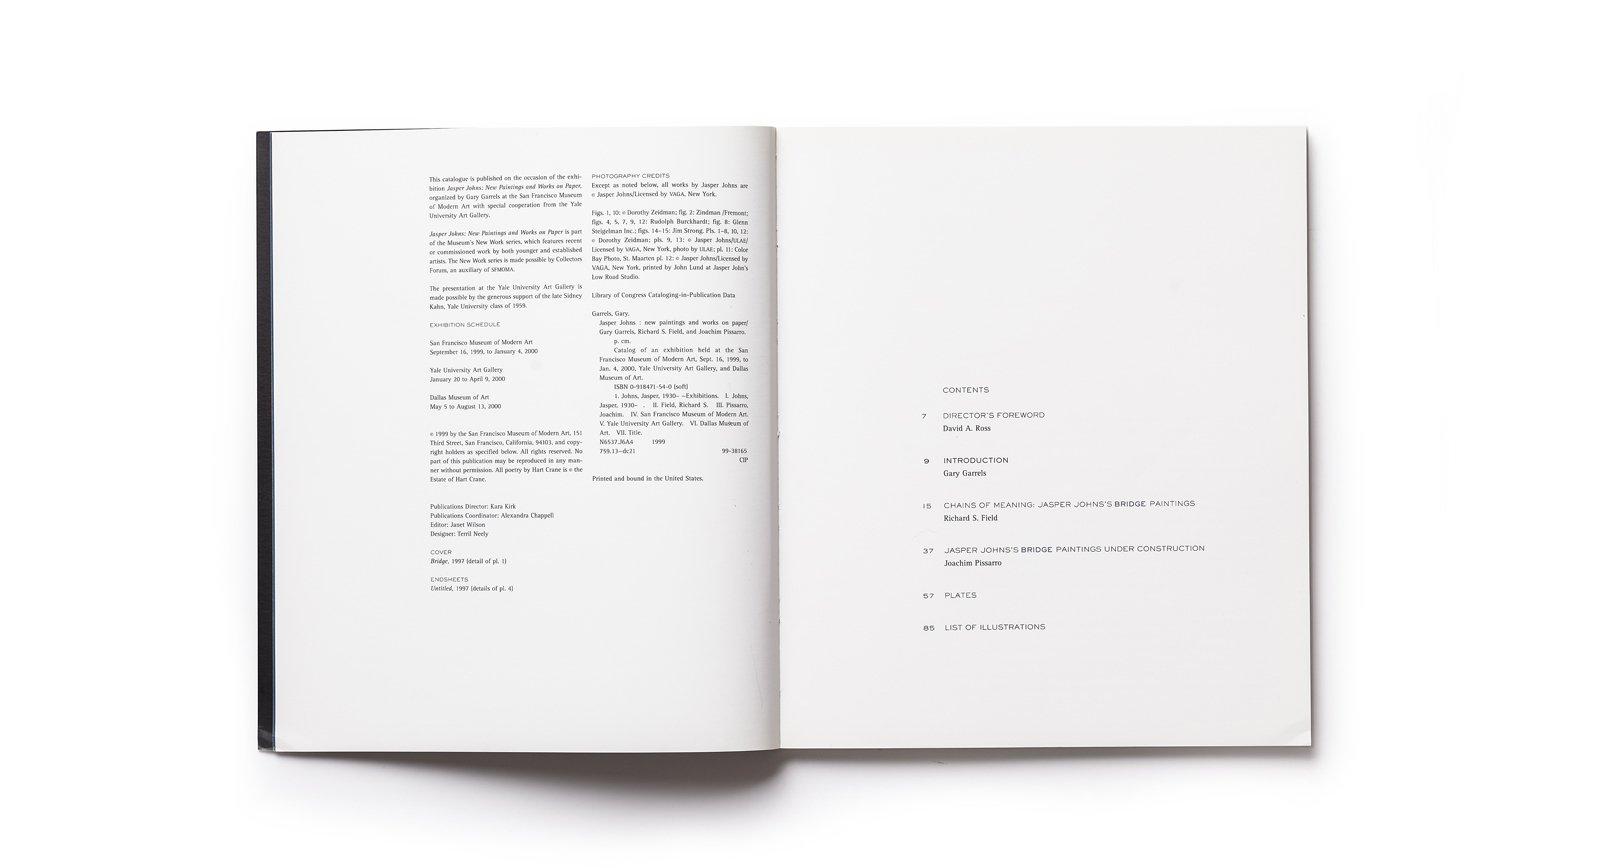 Jasper Johns contents